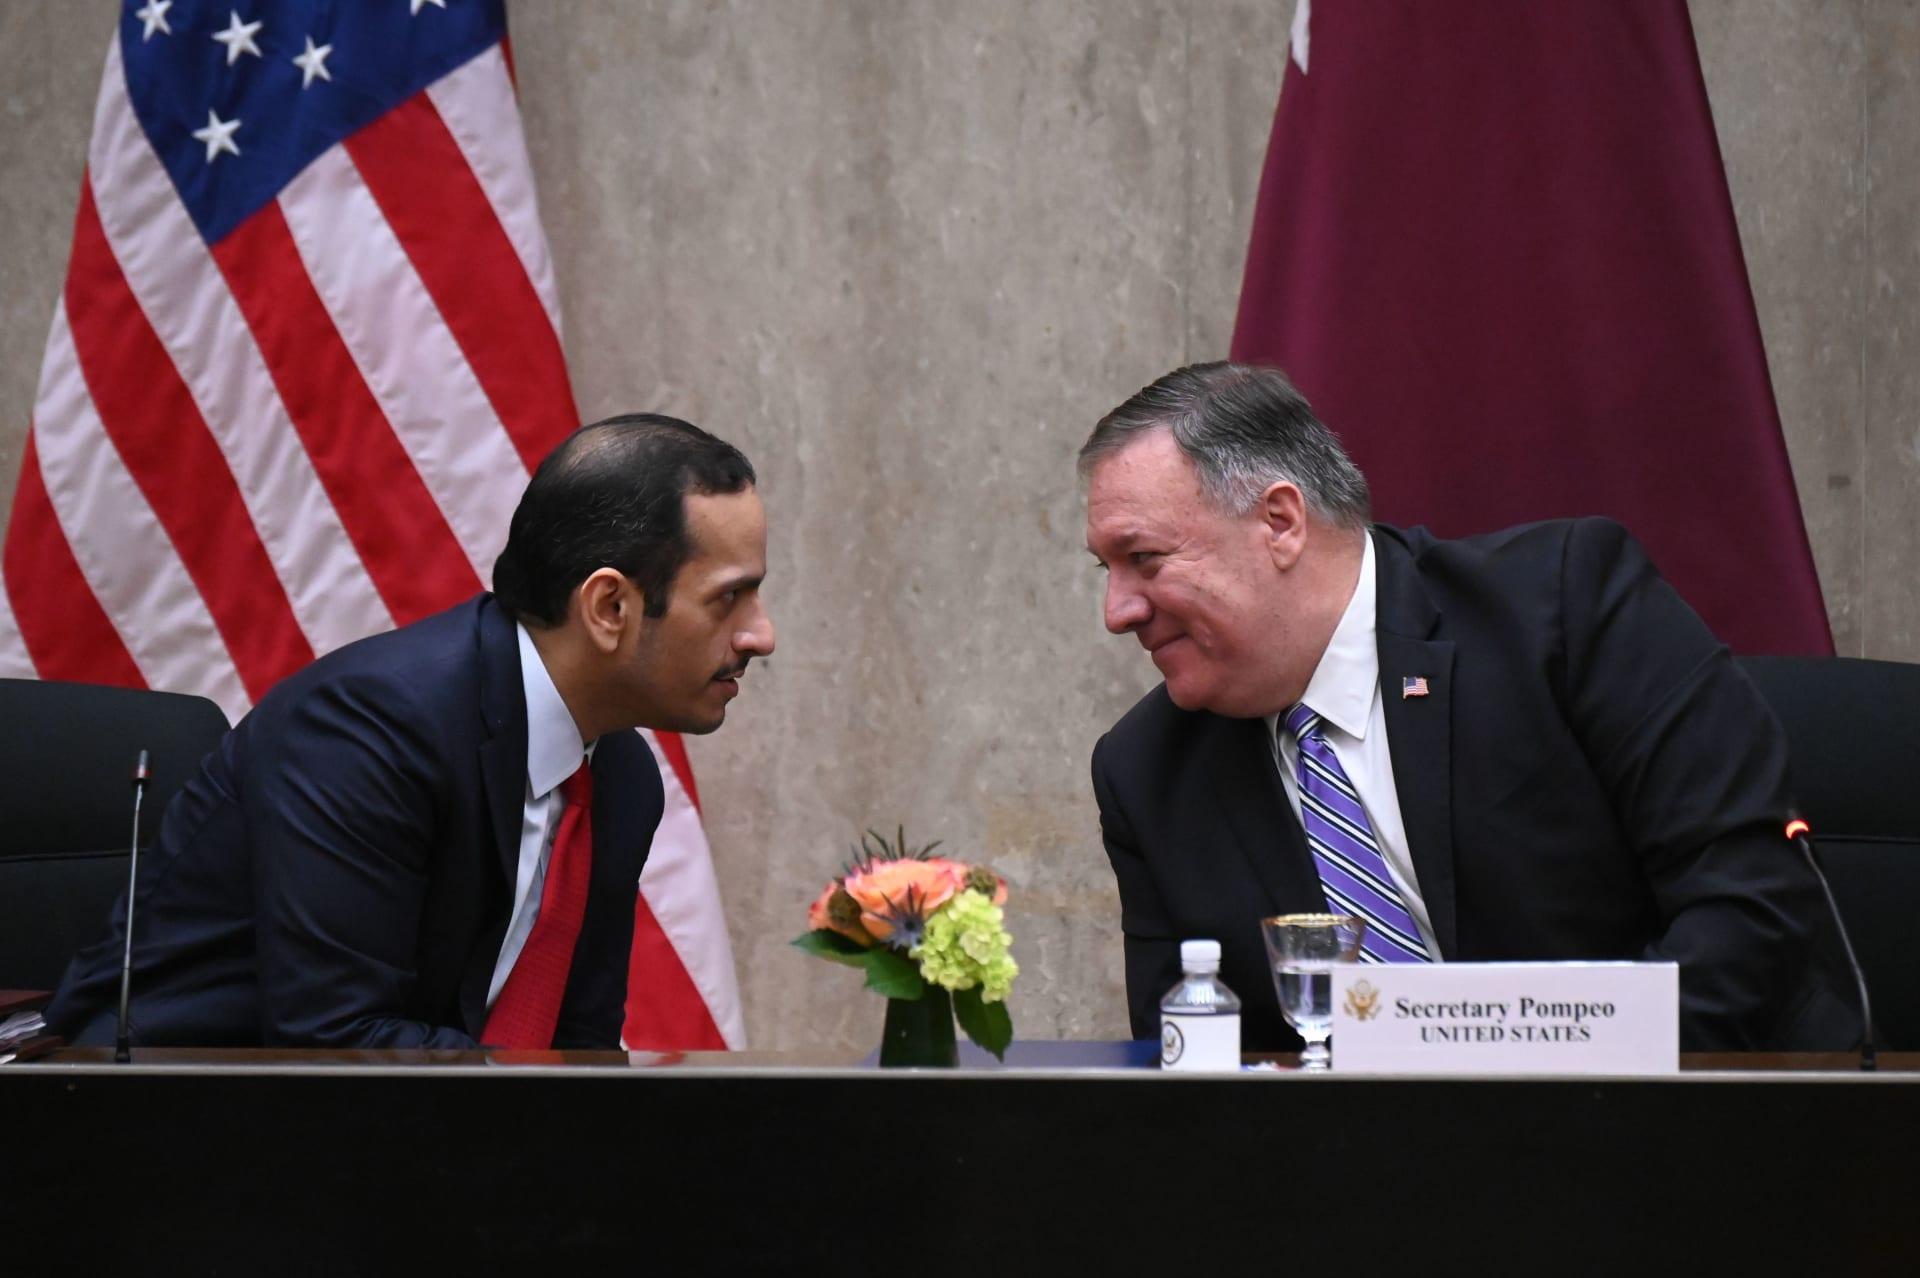 """بيان أمريكي قطري يعبر عن قلق من آثار الأزمة الخليجية """"الضارة"""" على المنطقة"""